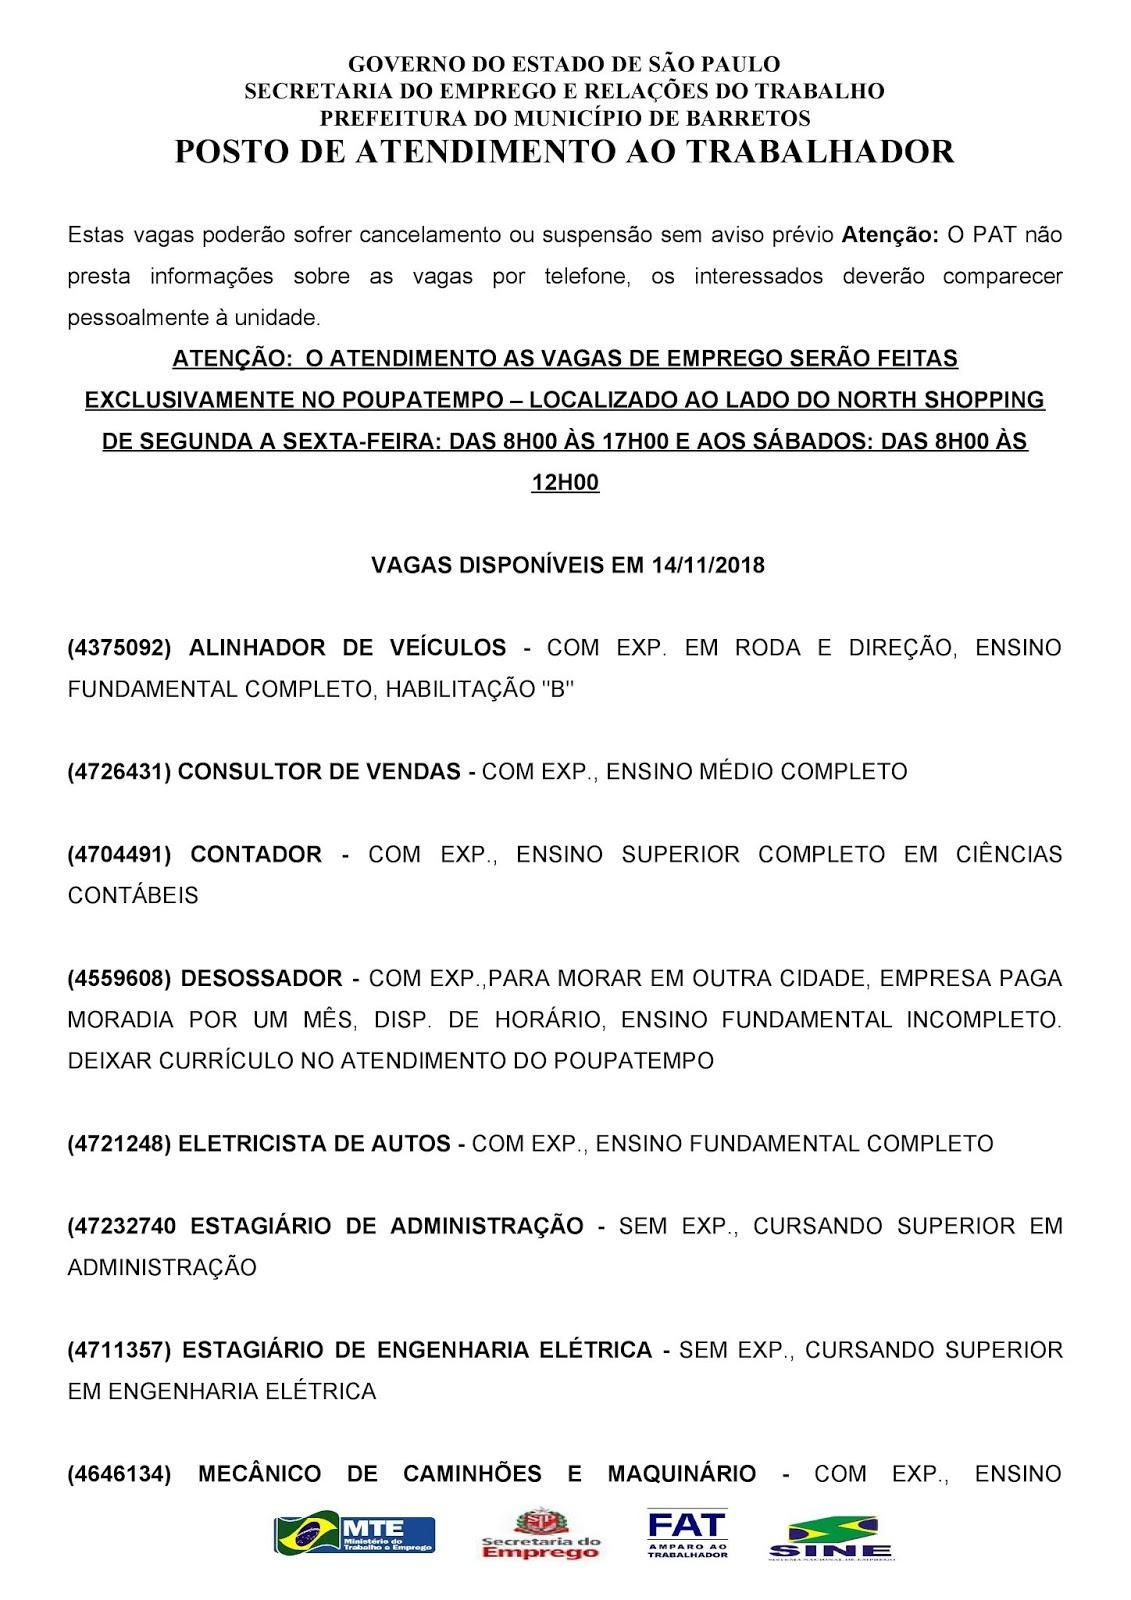 VAGAS DE EMPREGO DO PAT BARRETOS-SP PARA 14/11/2018 QUARTA-FEIRA - PARTE 1